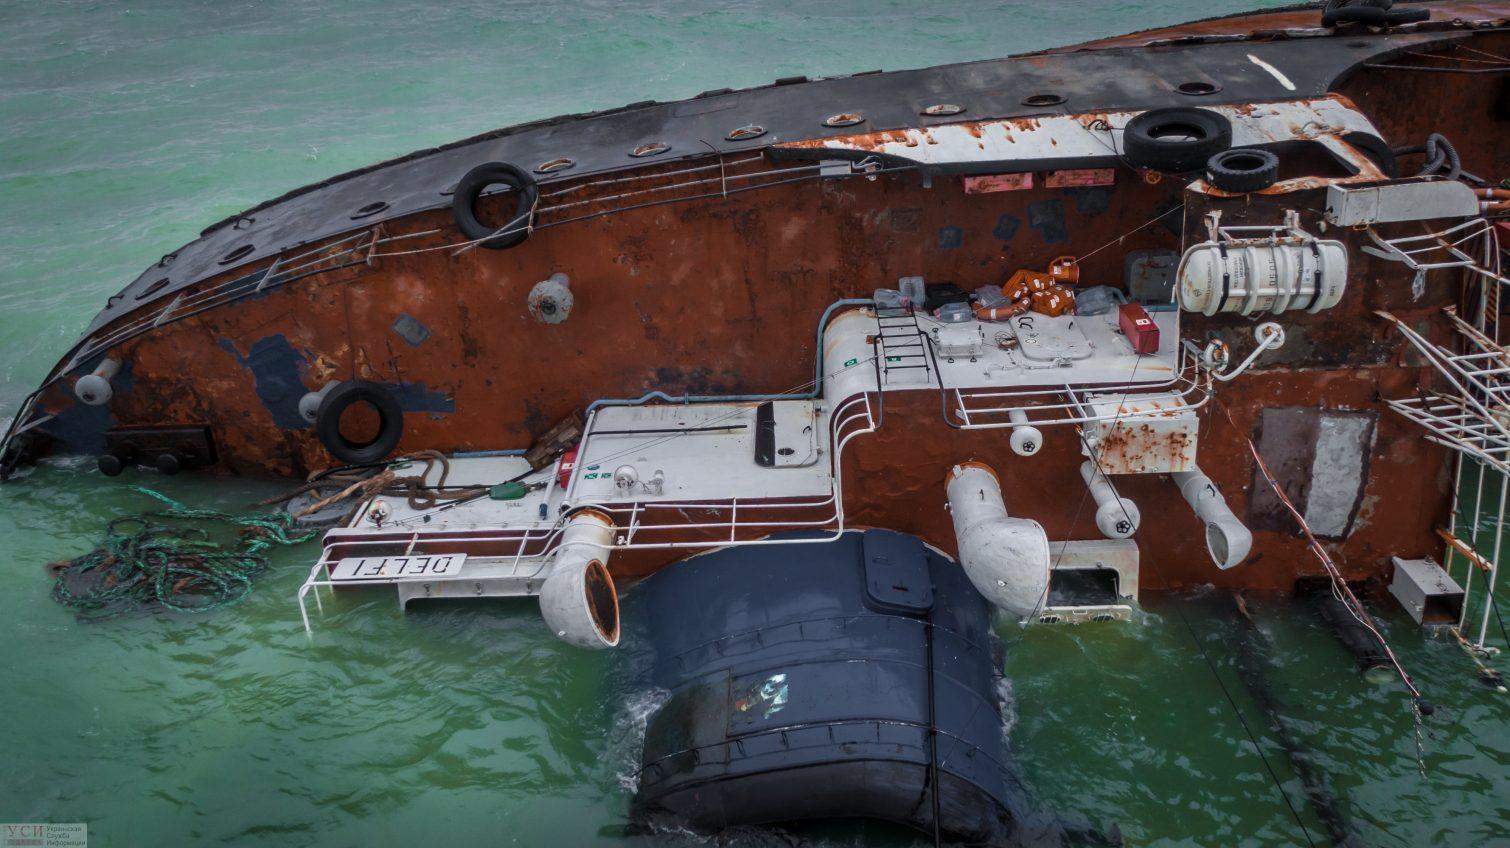 Нефтью по воде: станет ли эвакуация Delfi экологической катастрофой (фото) «фото»